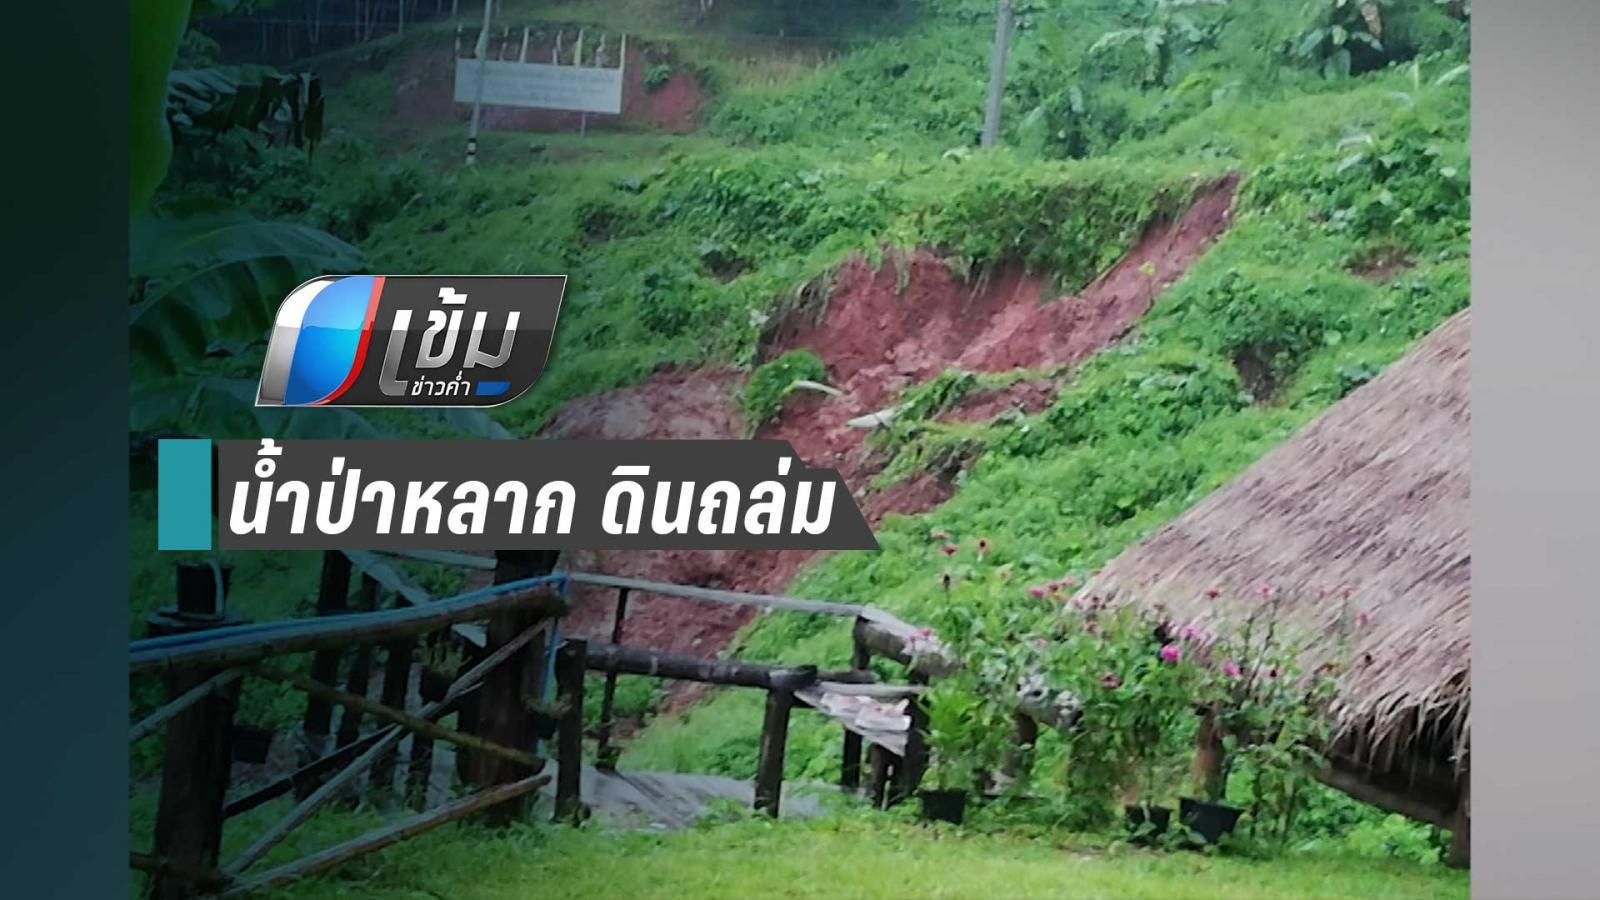 น่าน ฝนตกหนัก! น้ำป่าหลาก-ดินถล่ม สั่งเฝ้าระวังพื้นที่เสี่ยงภัย 39 หมู่บ้าน